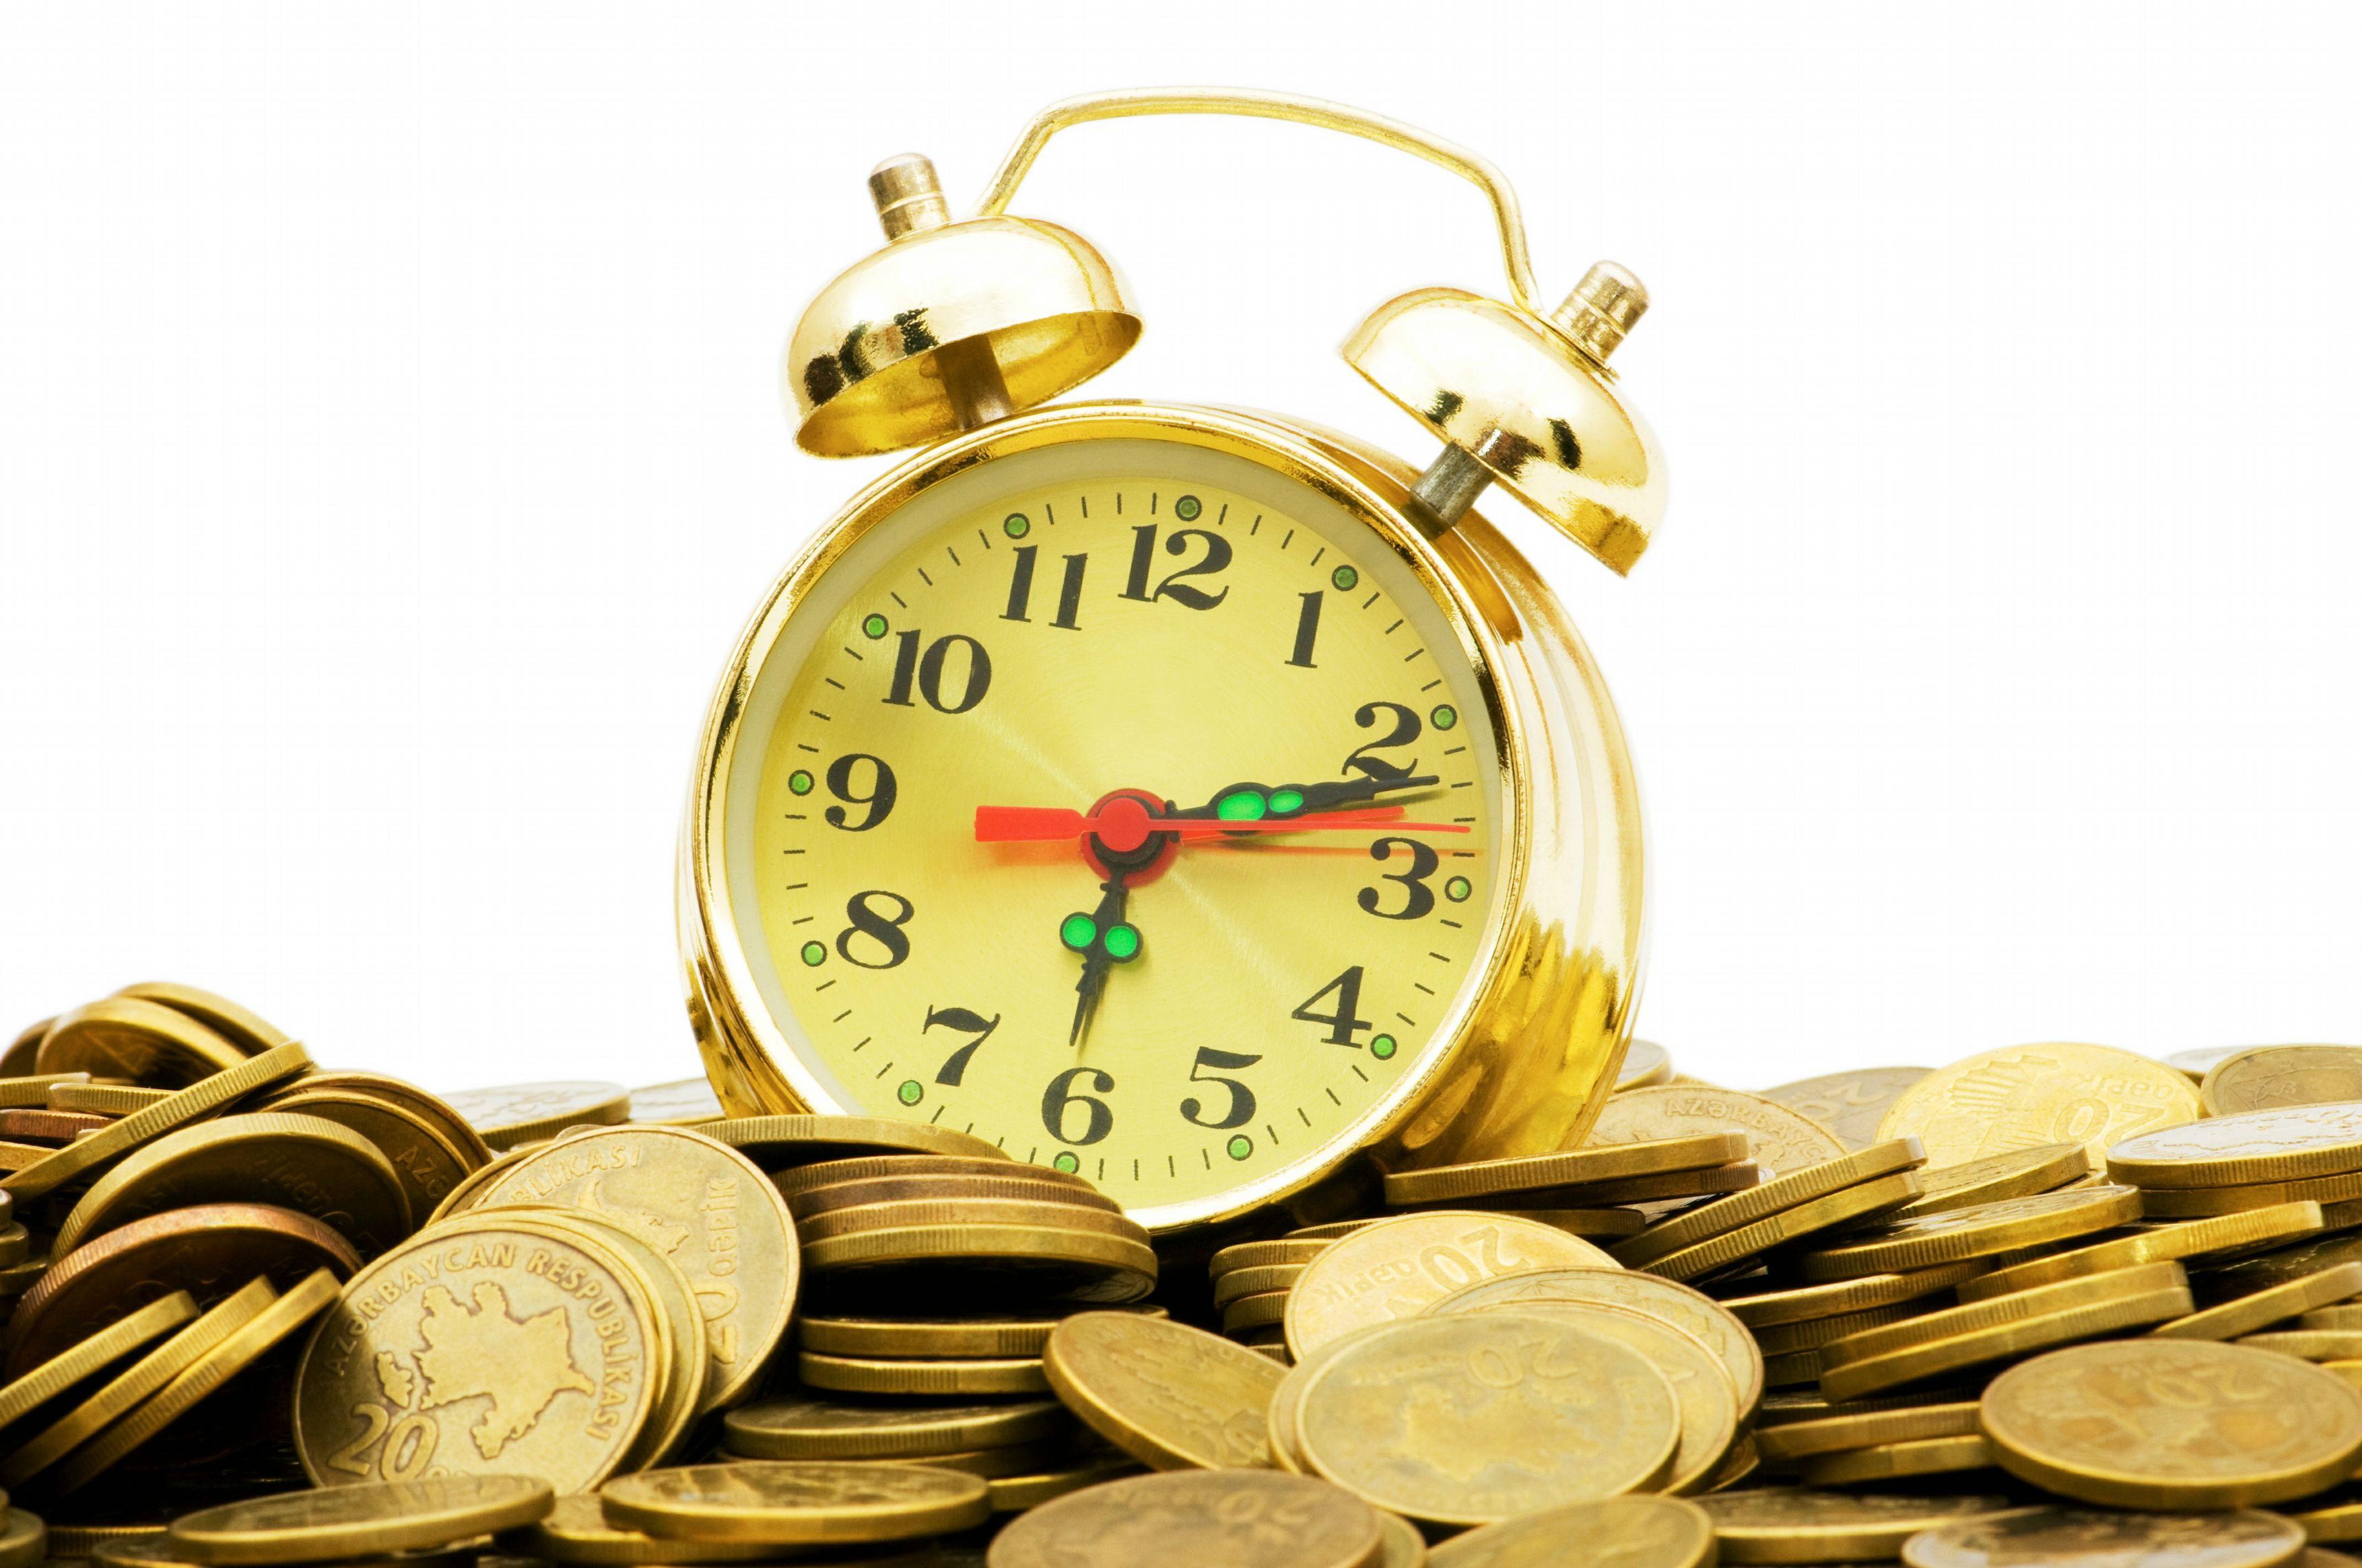 【十年十倍股】申洲国际(02313.HK):当黄金雨在落,你准备用大桶接吗?